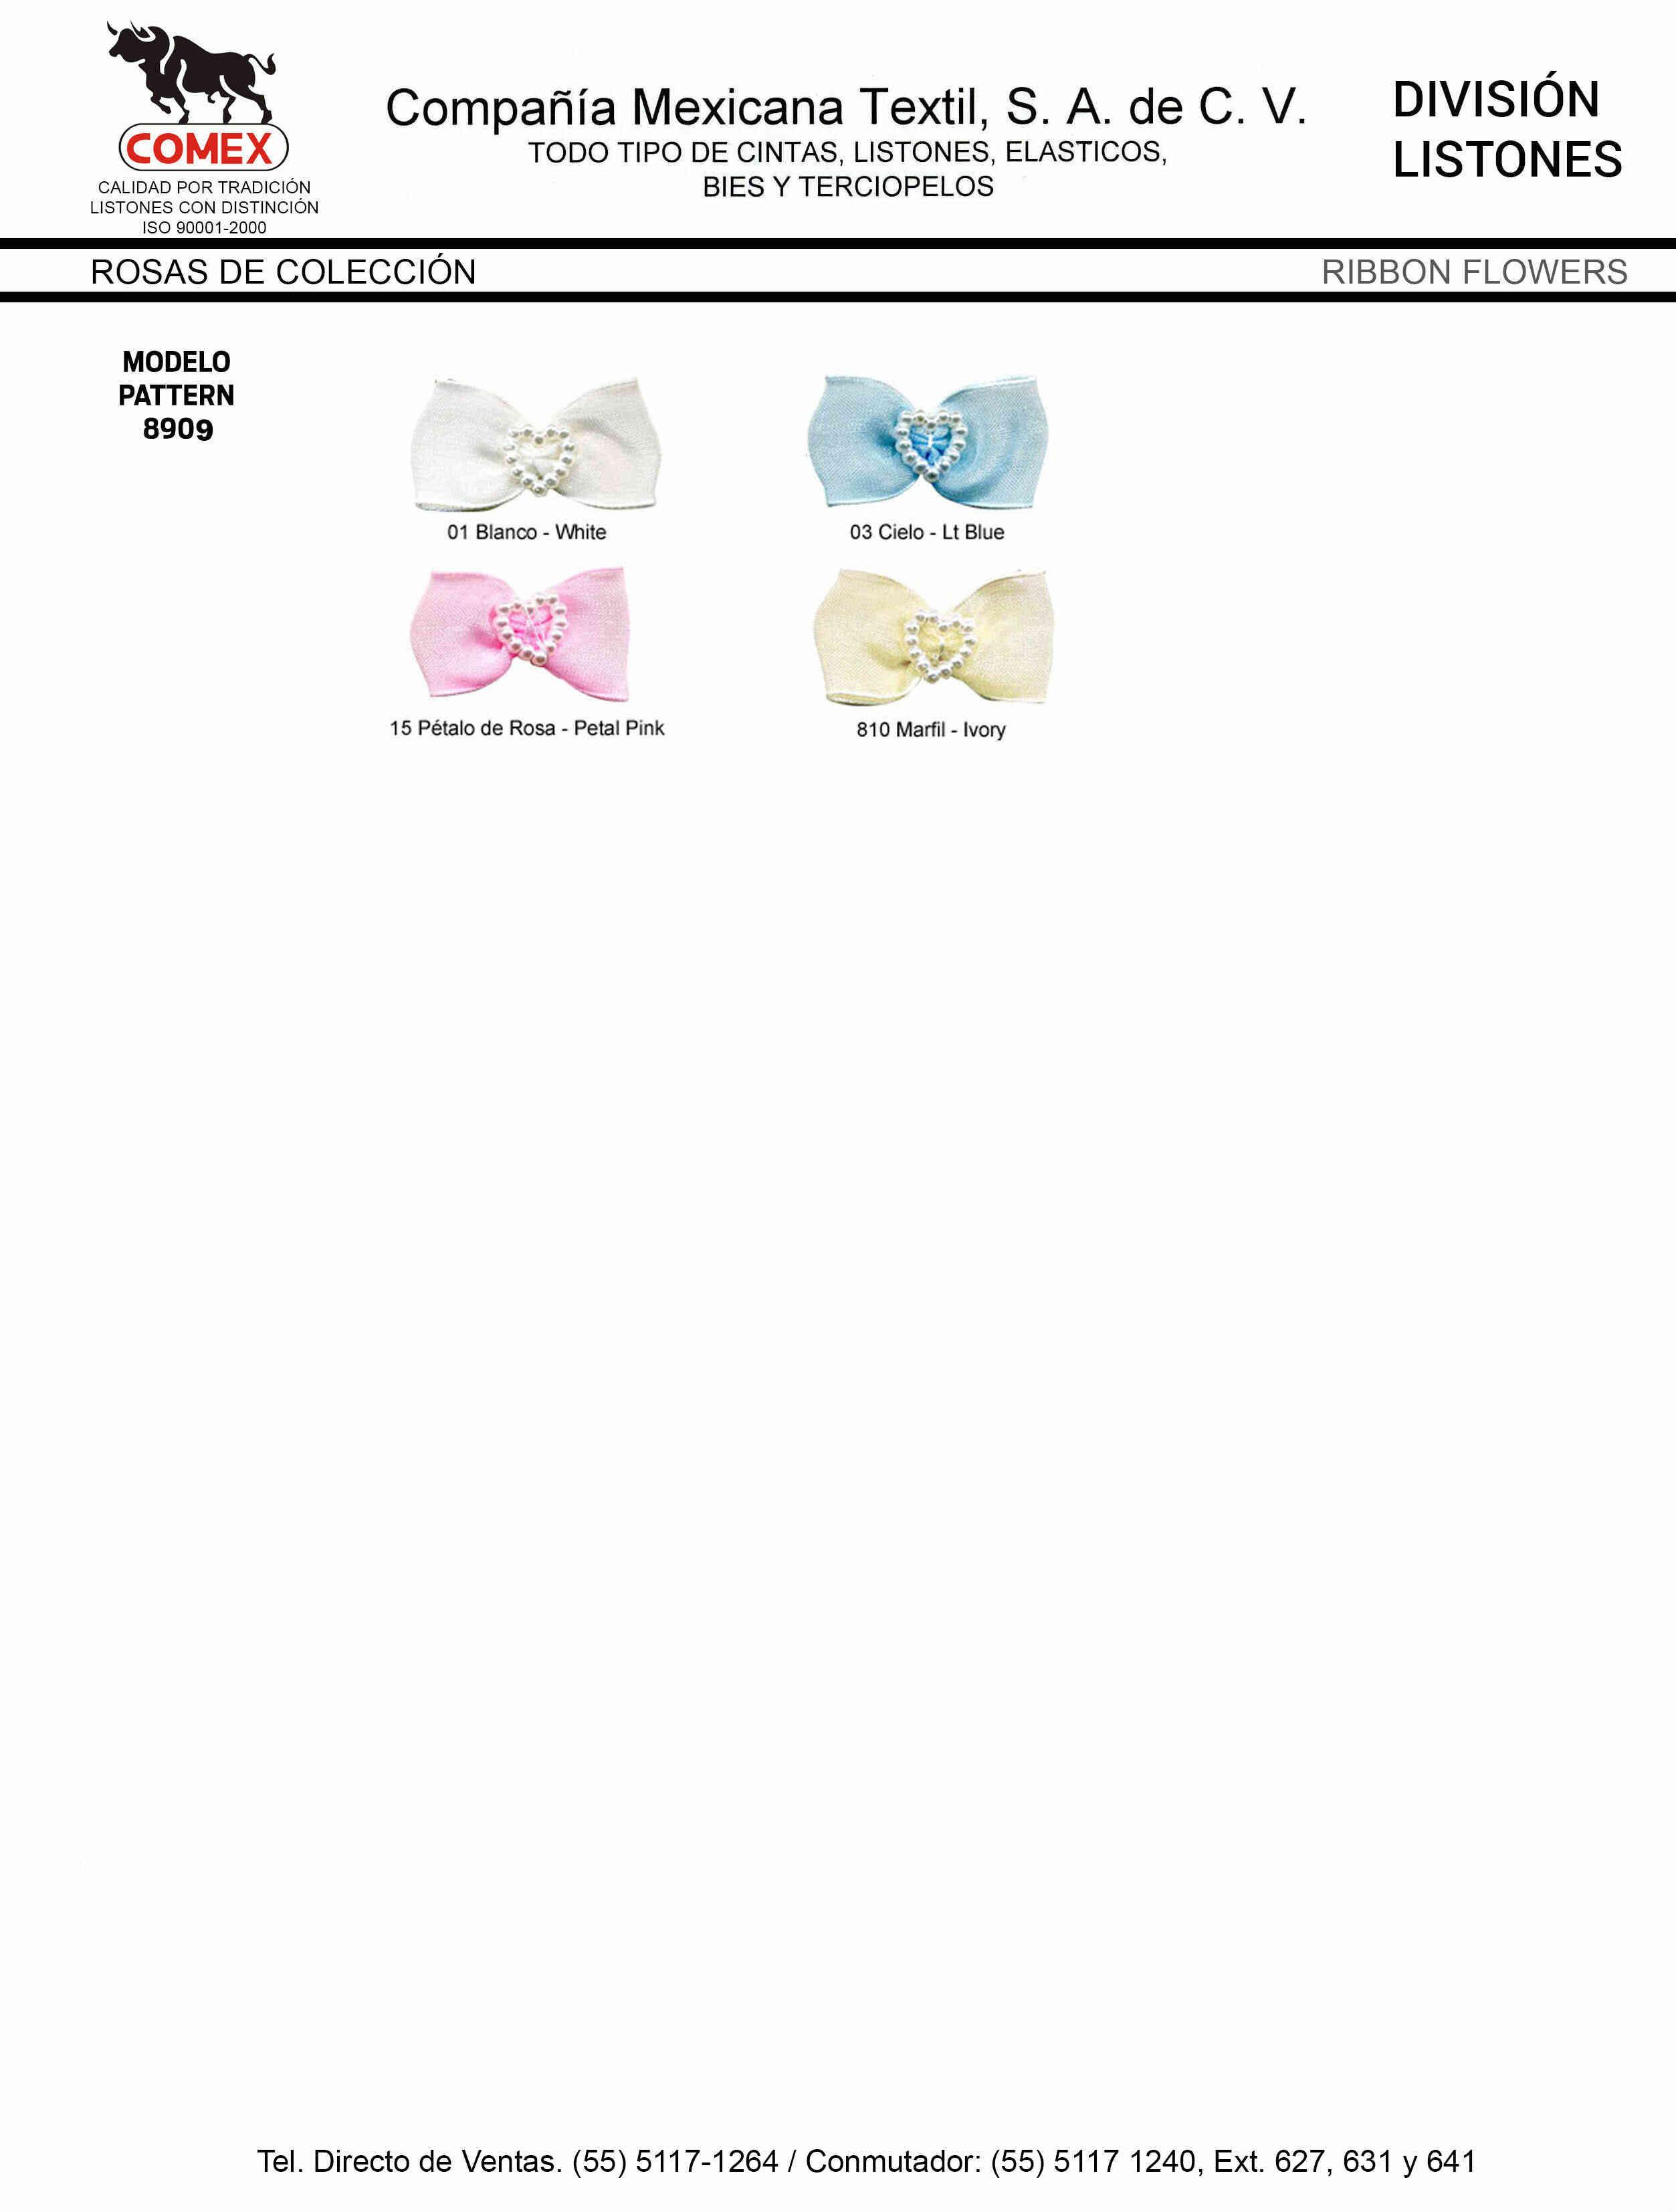 Anchos y Colores de Liston Mod.8909 72 pzas